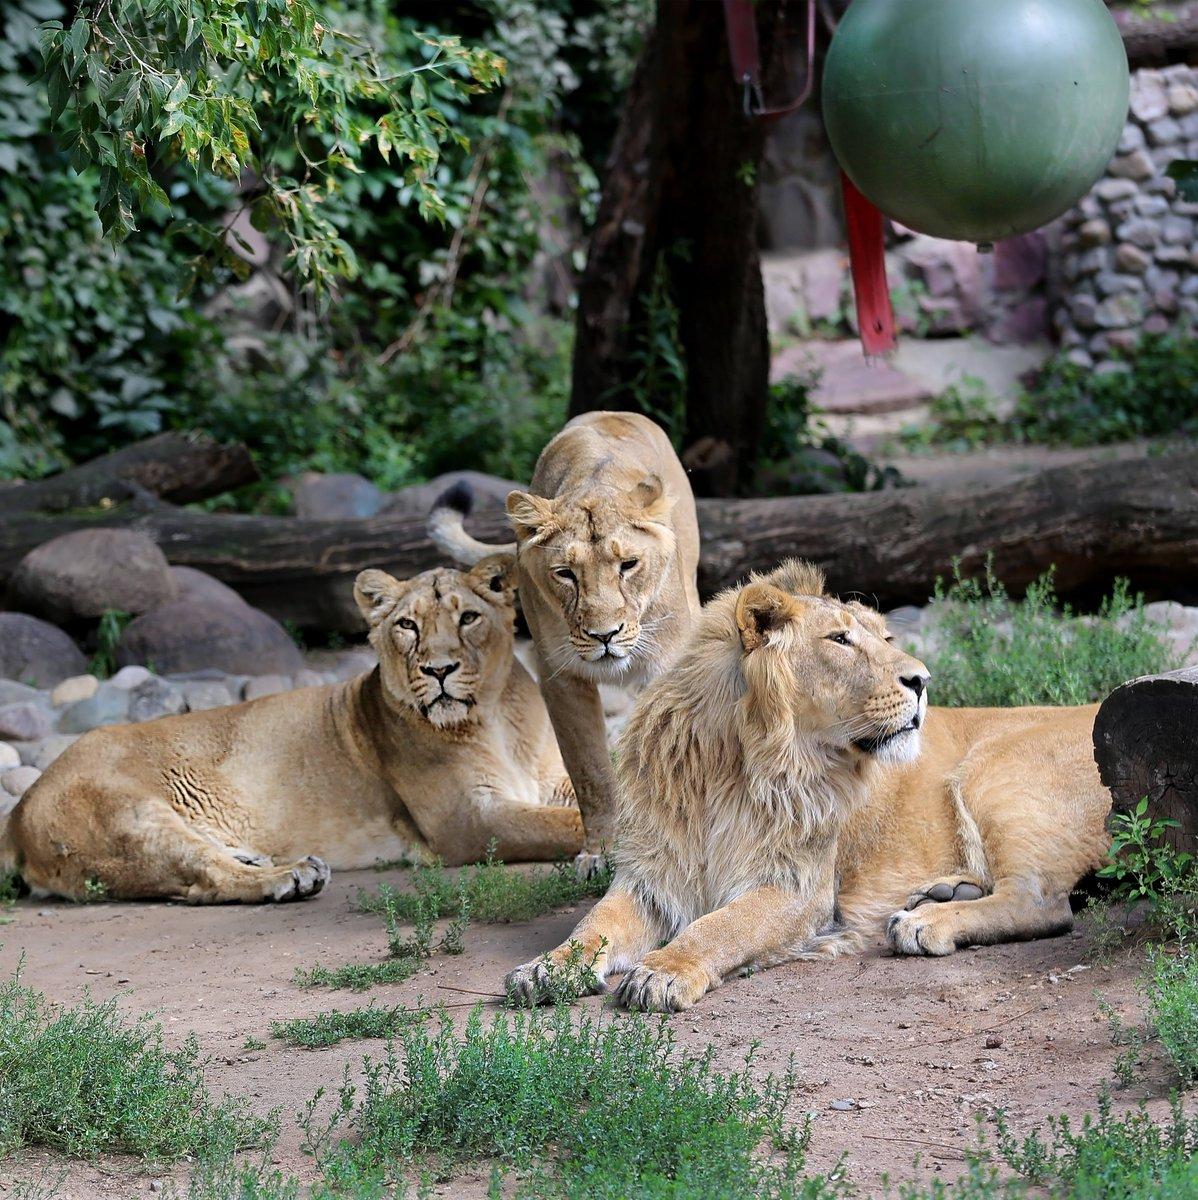 Московский зоопарк - лекторий и экскурсии, стоимость входа, время работы, животные